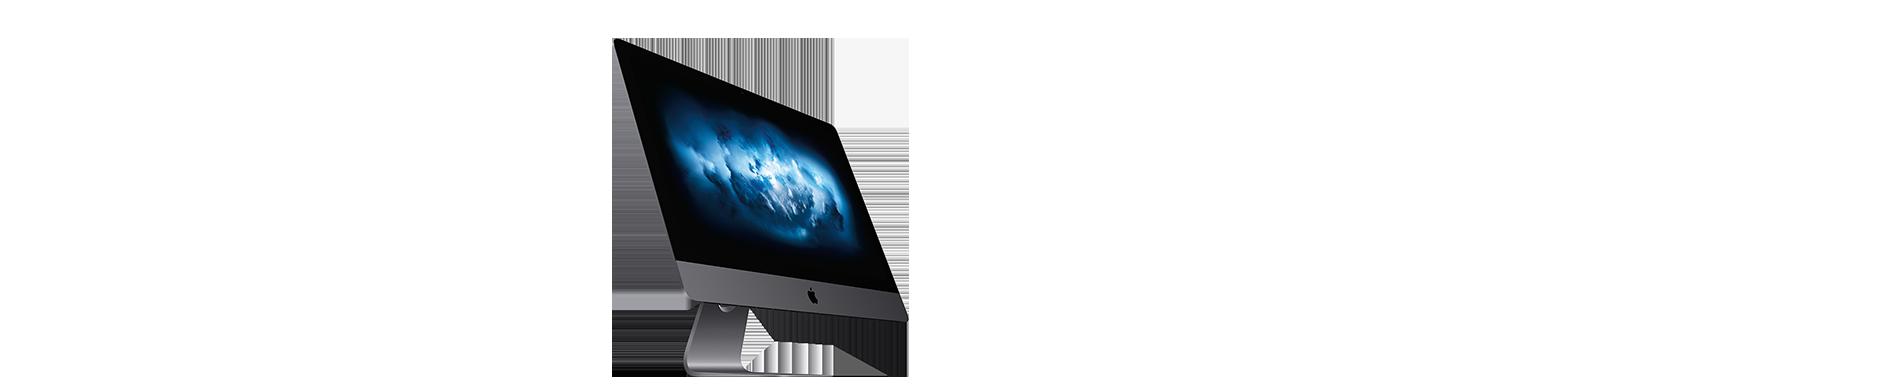 Category Mac - iMac Pro - slide 1